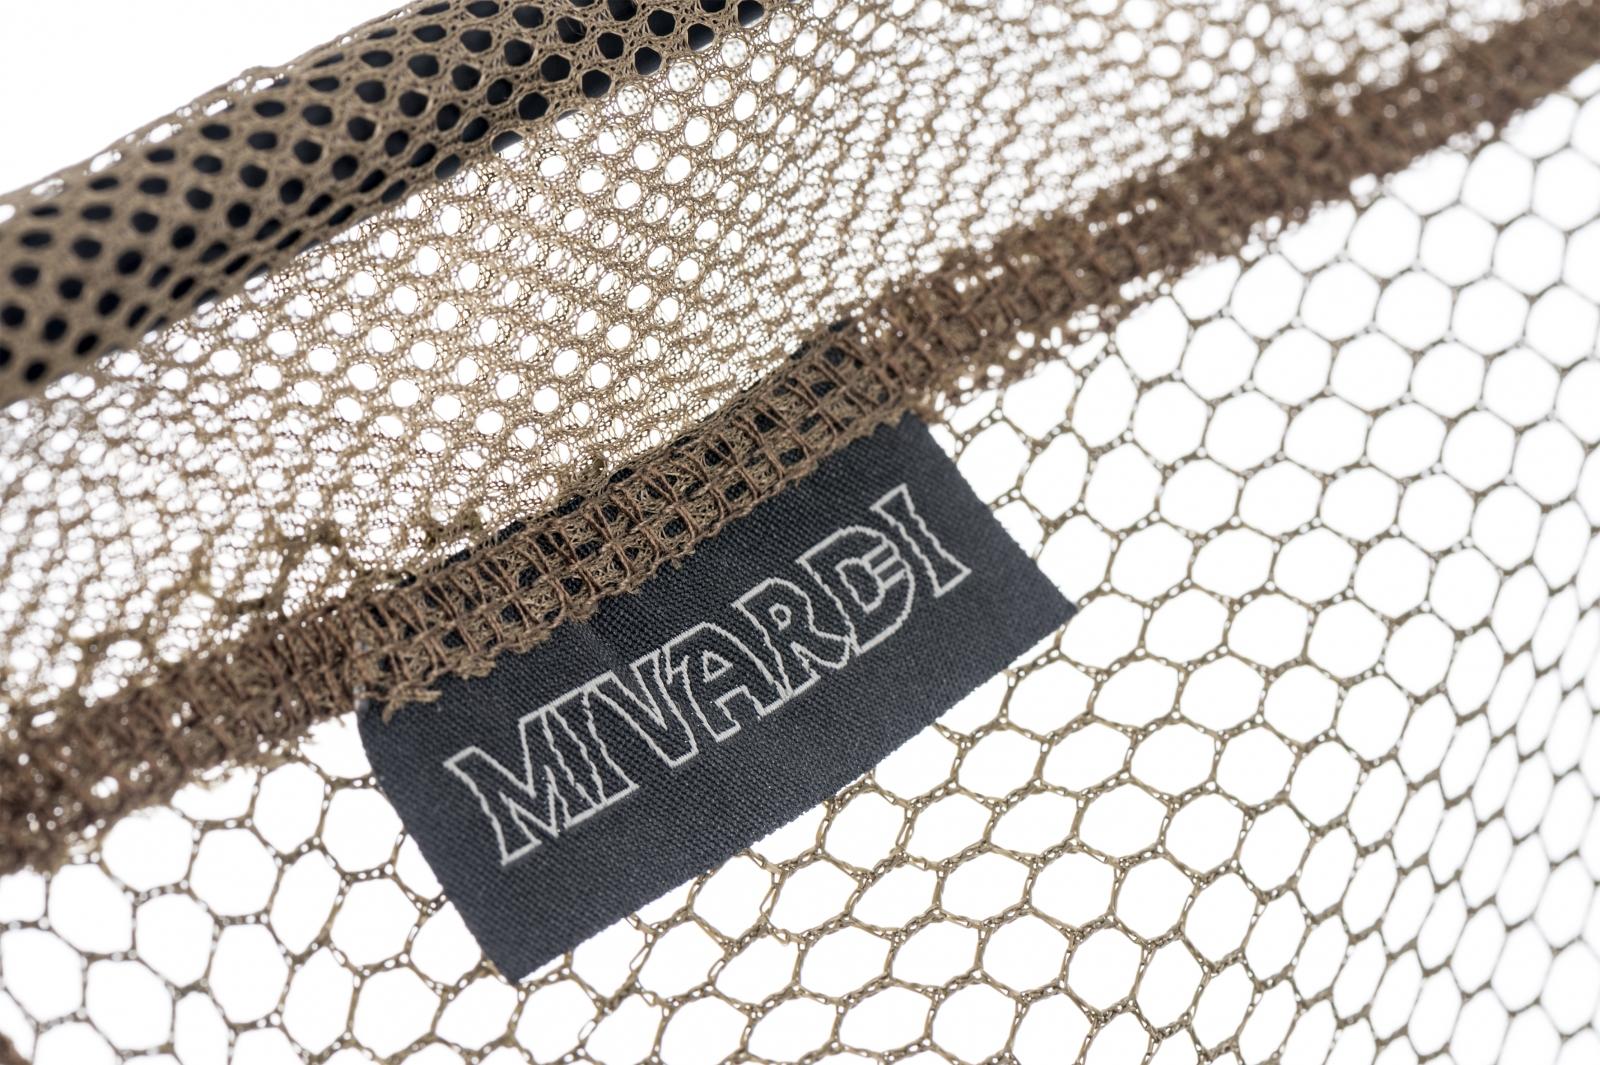 Náhradní síťka pro podběrák Mivardi Carp Specialist MK2